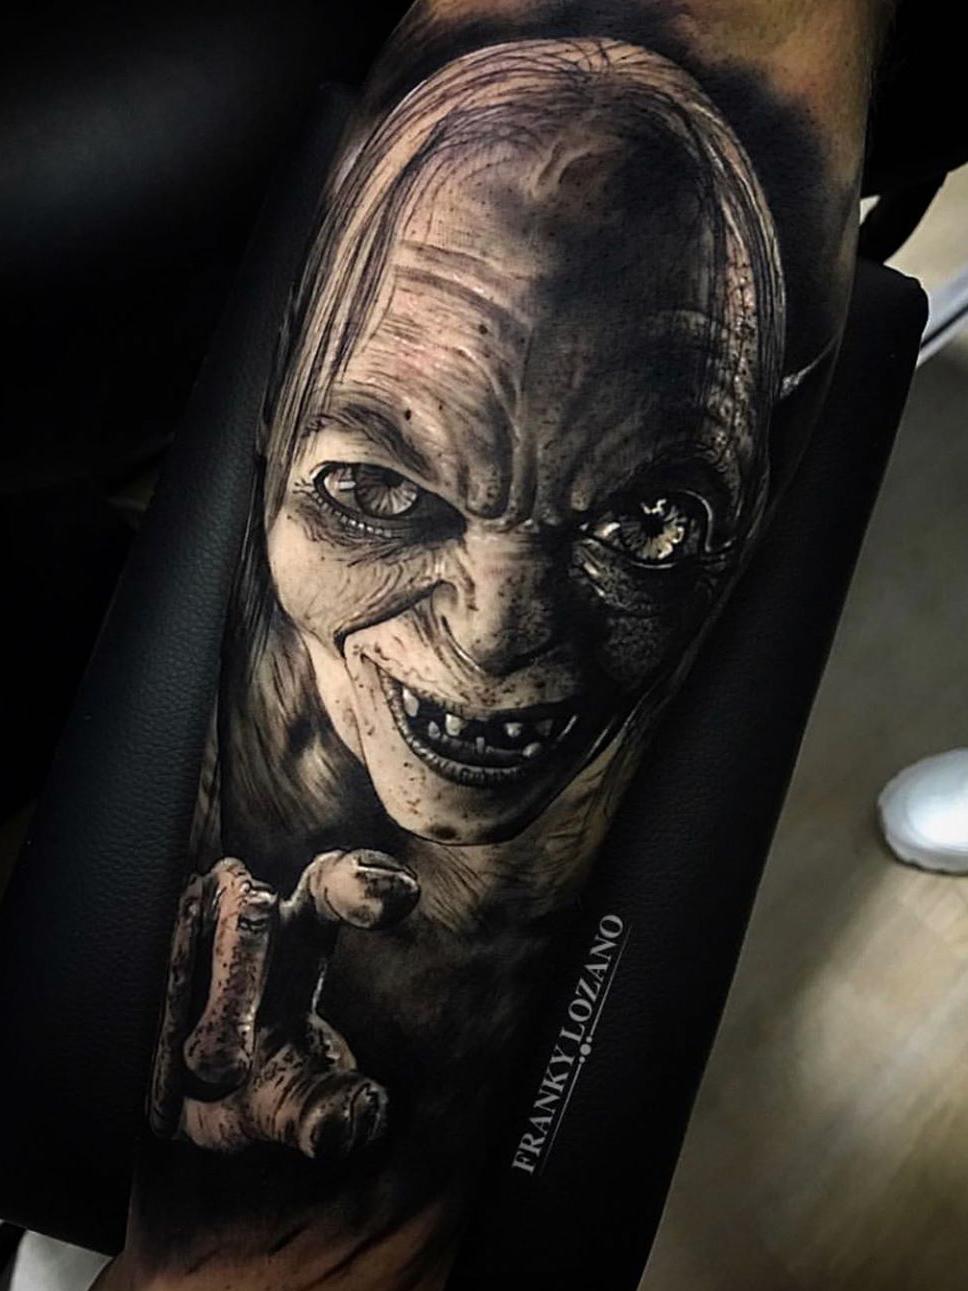 tattoo_franky_lozano_72270030_3148389605202201_2474703642643677825_n